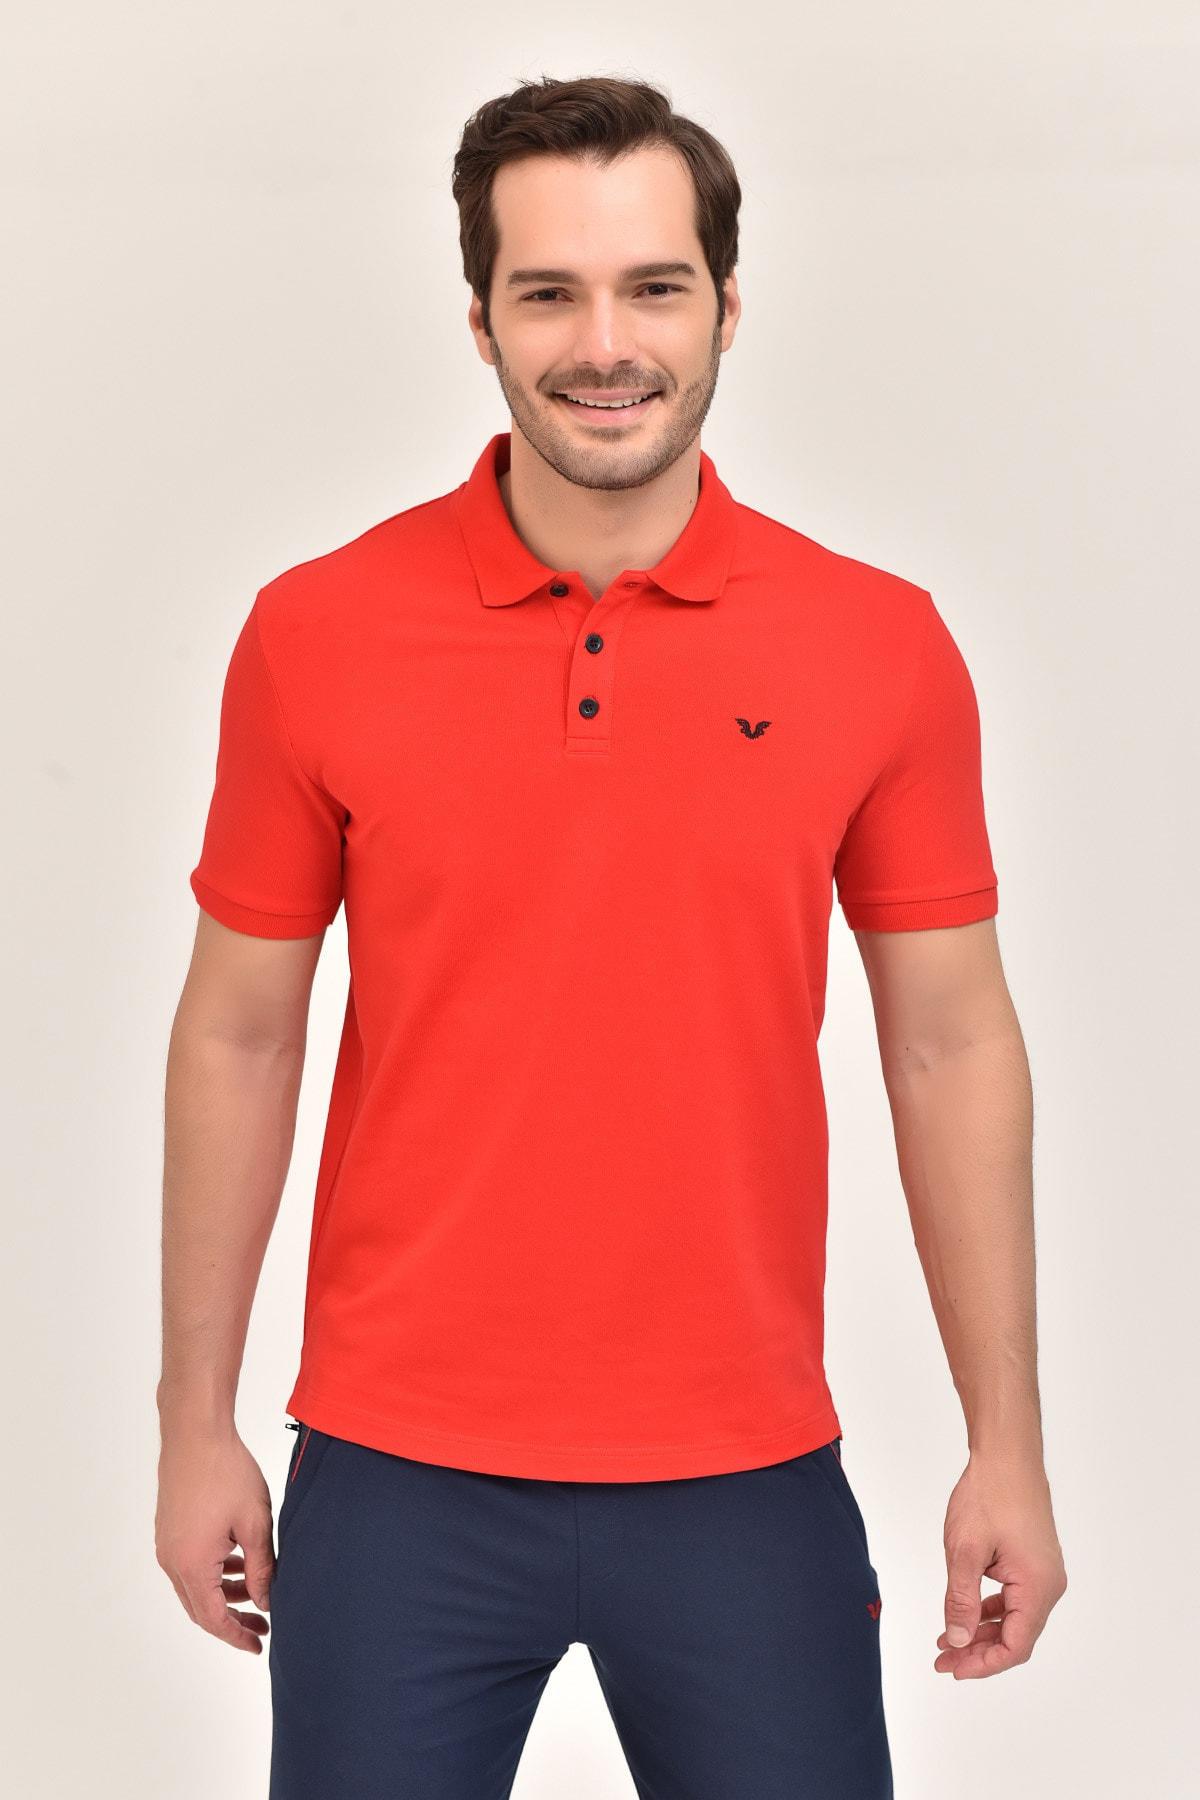 bilcee Kırmızı Büyük Beden Polo Yaka Erkek  T-Shirt GS-8983 1